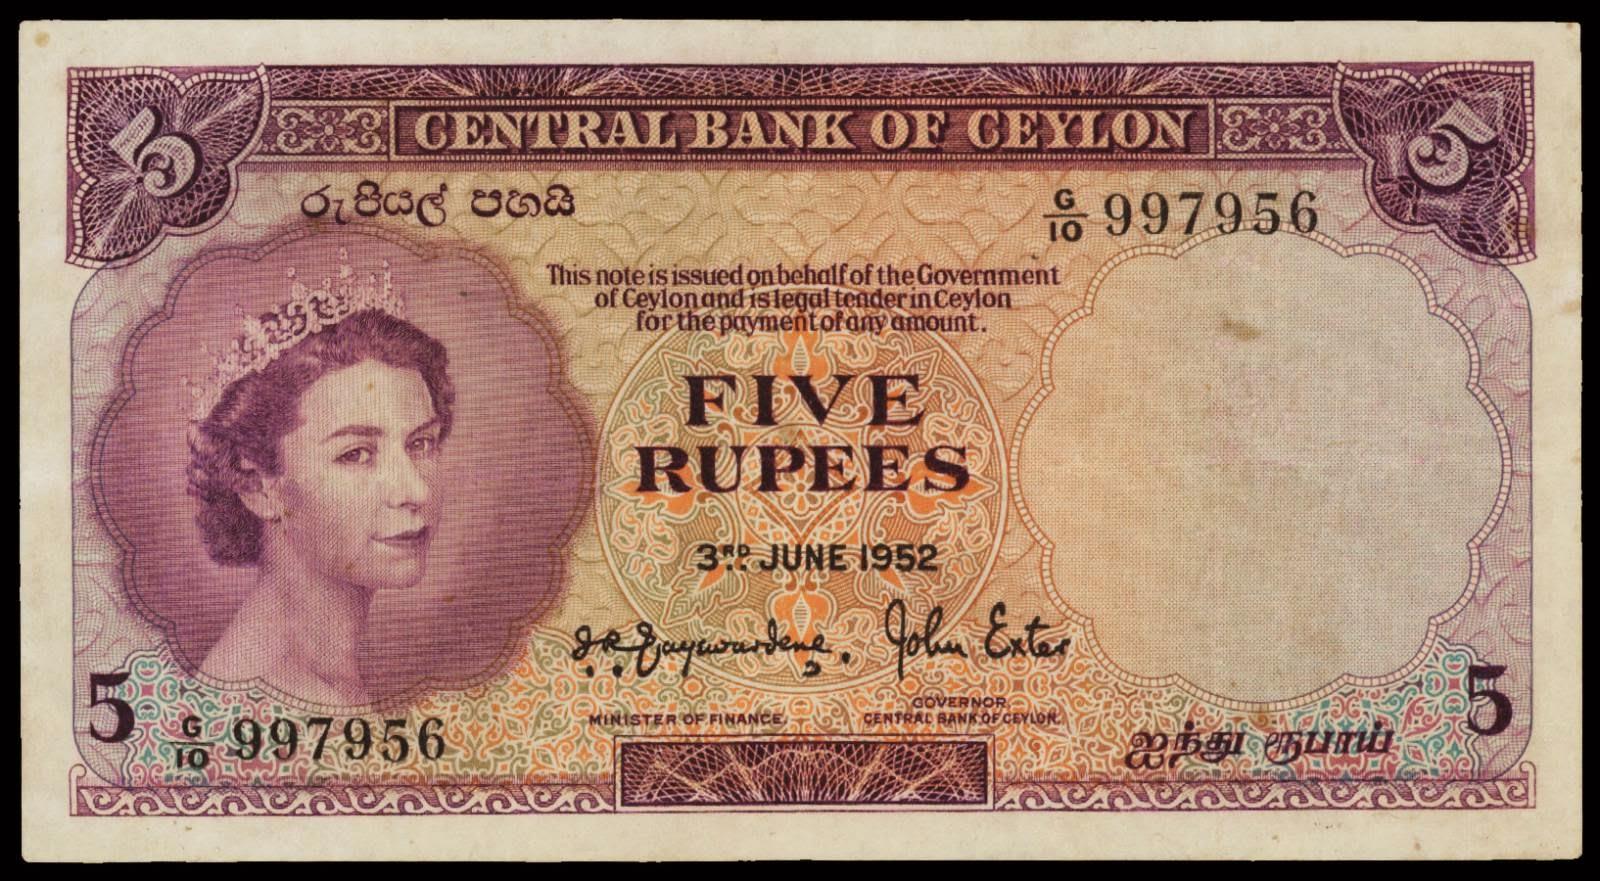 Ceylon banknotes 5 Rupees 1952 Queen Elizabeth II